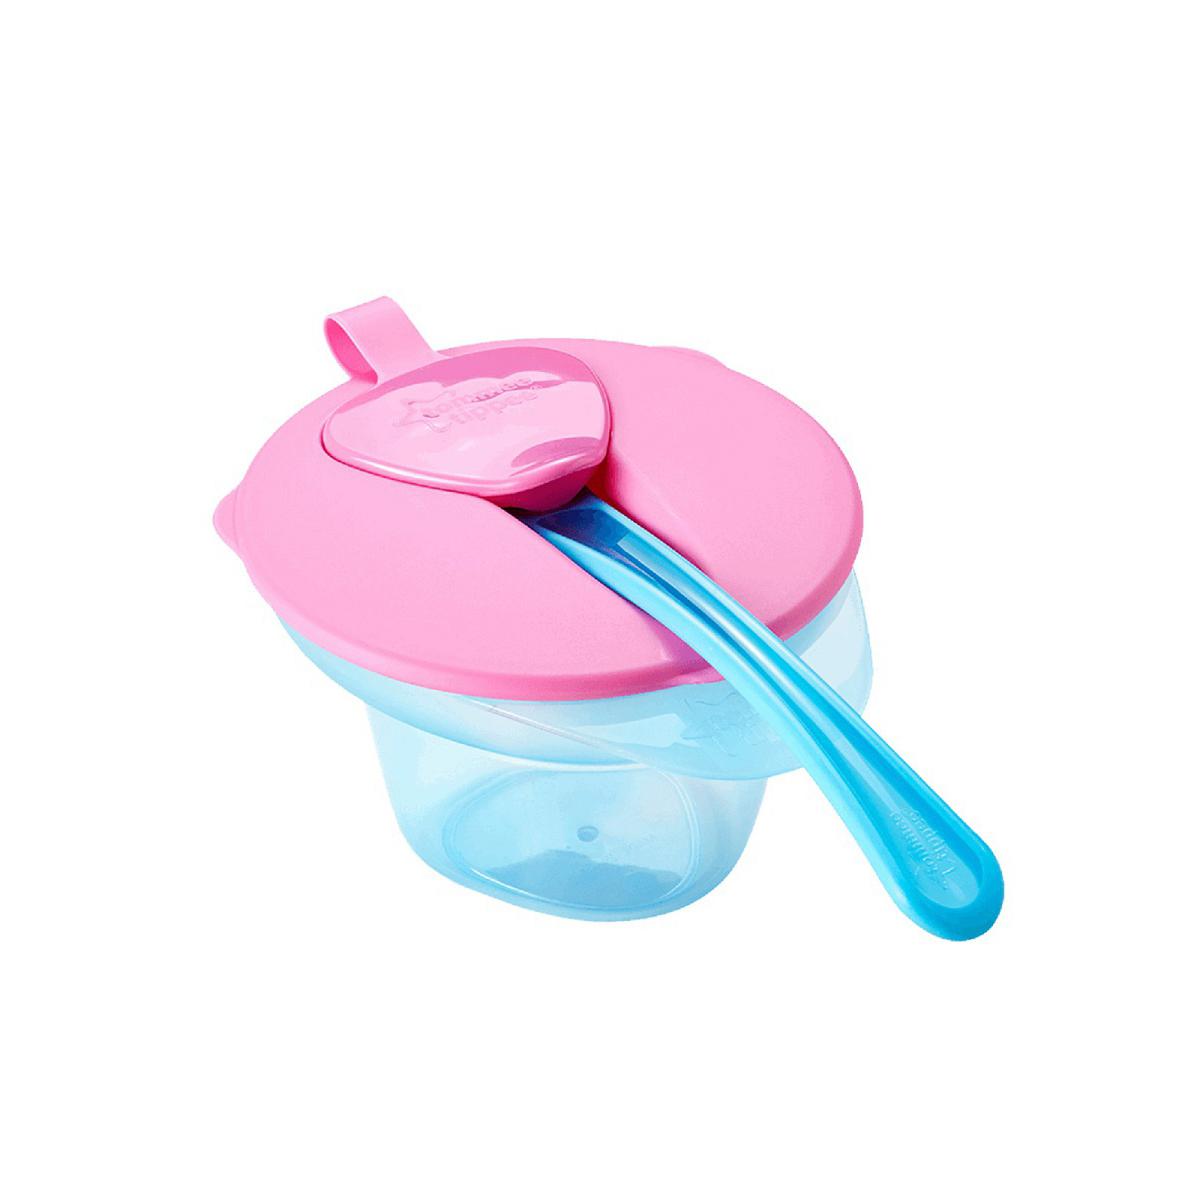 Тарелочка с отделением для разминания и охлаждения пищи, розовая крышка - Столовая и кормление, артикул: 170465